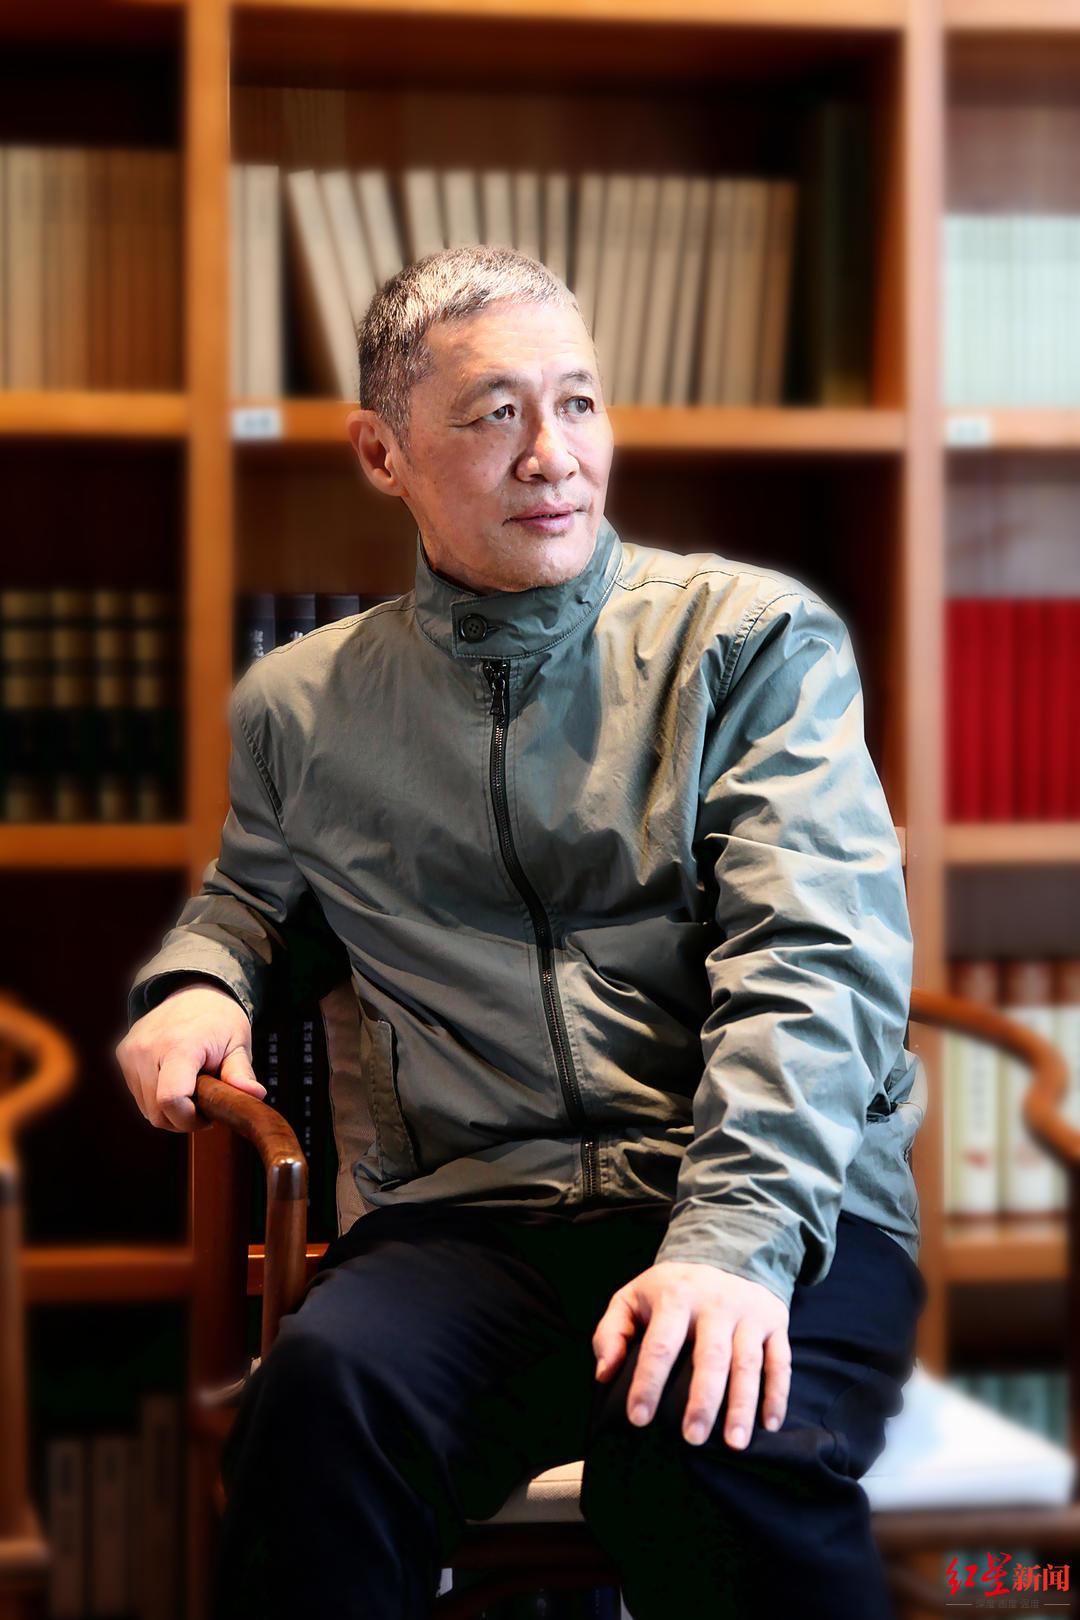 90岁出版家沈昌文去世 三联前总编李昕:三联品牌的开创,沈公功不可没